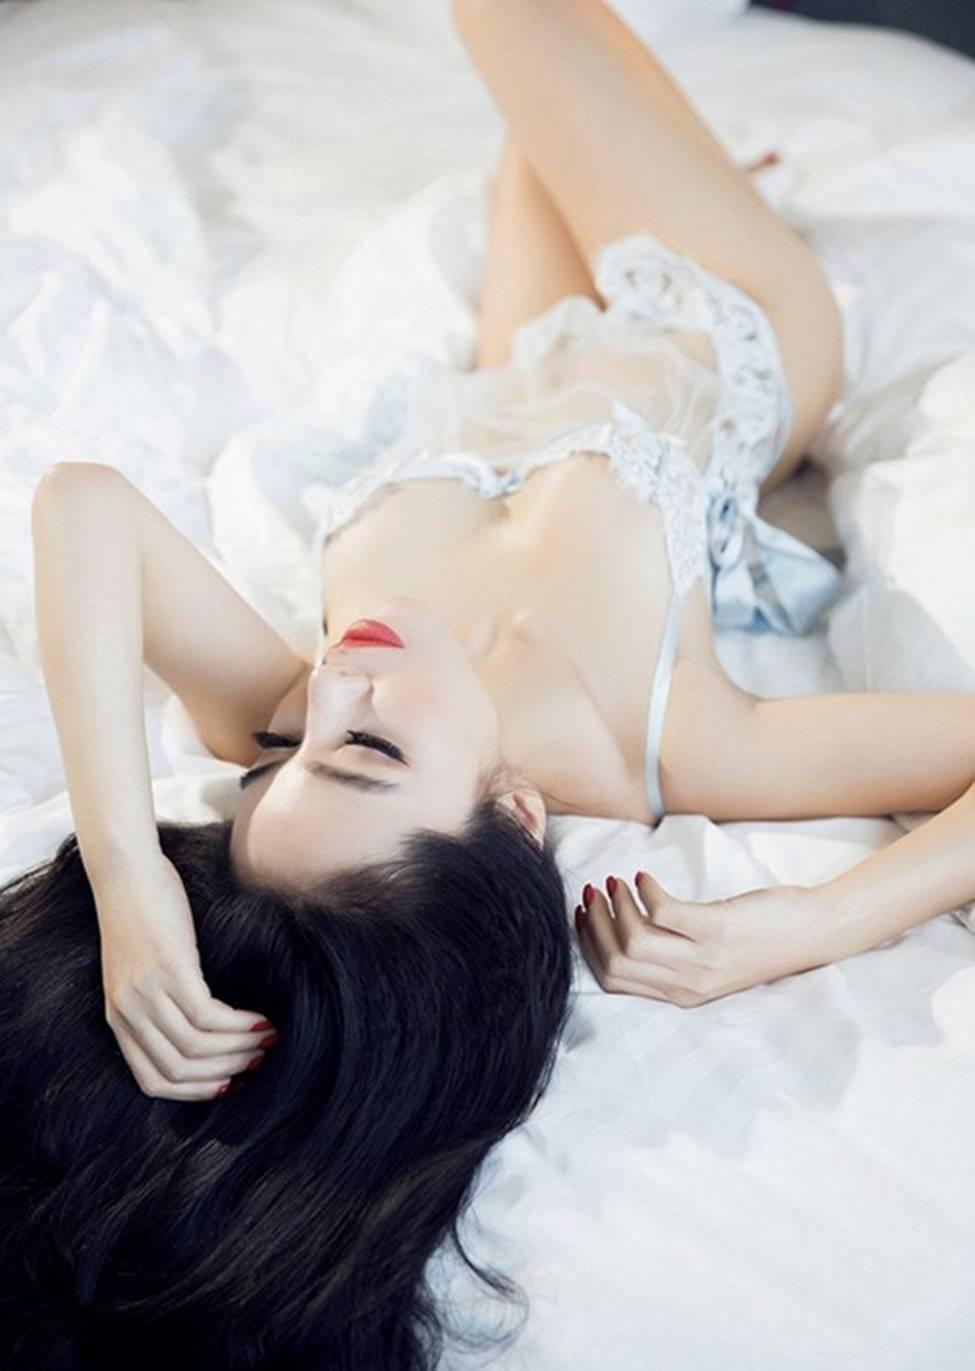 Mặc váy ngủ: Kỳ Duyên bị chê, dàn mỹ nhân này được khen tinh tế-11